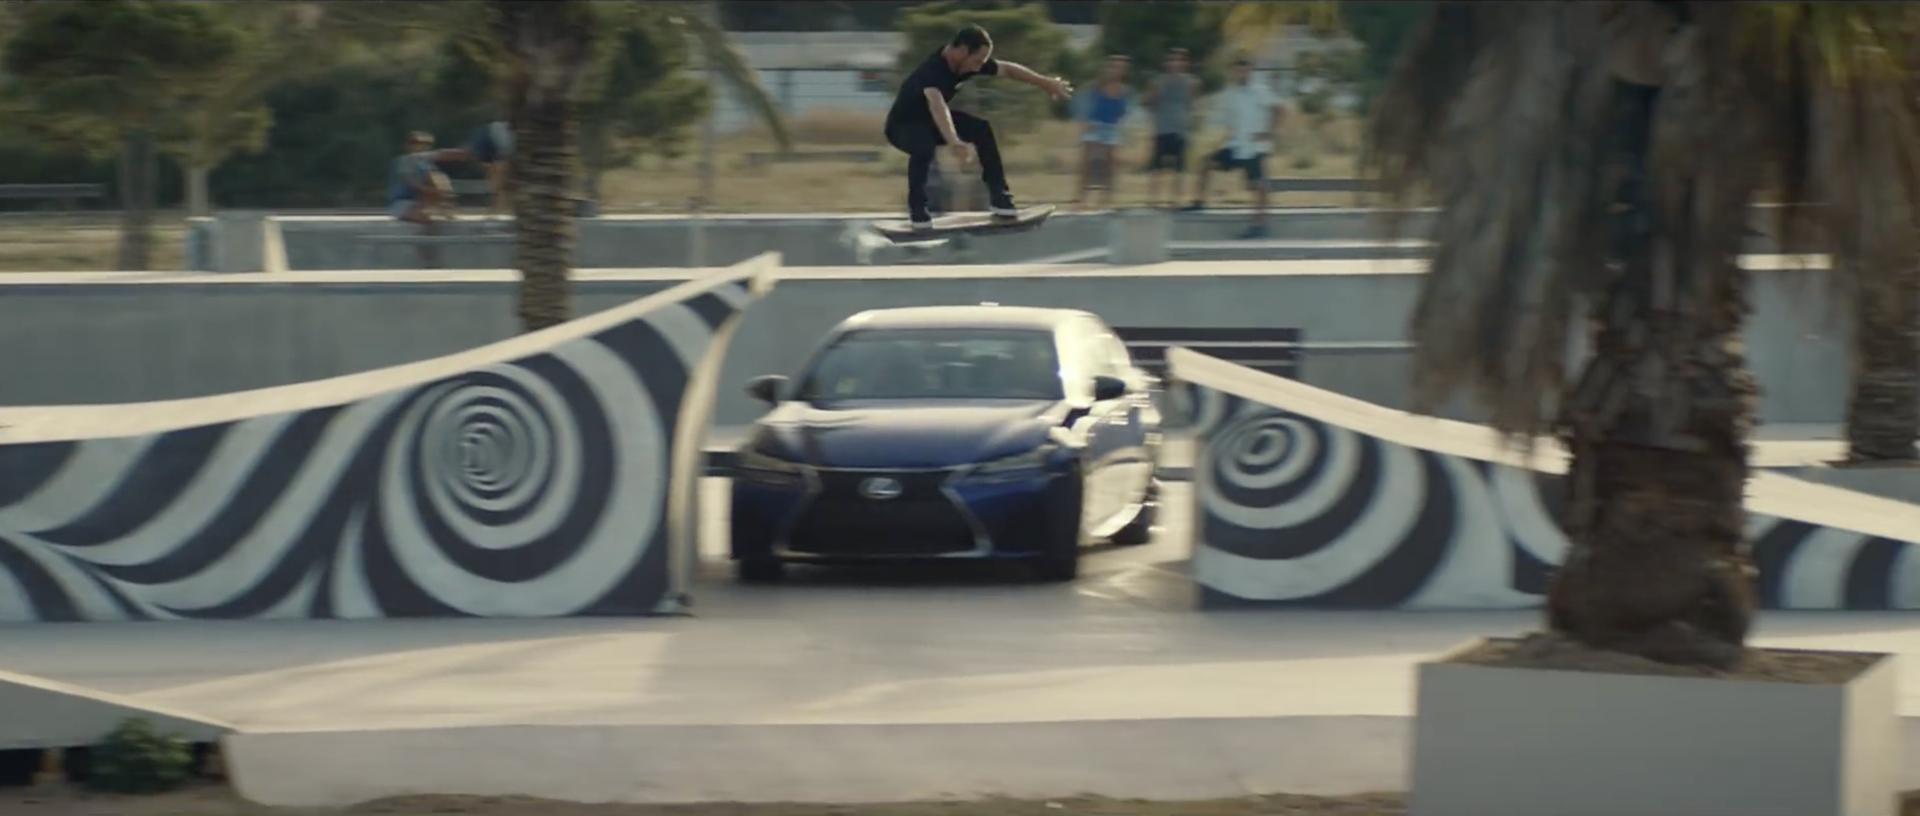 hoverboard-lexus-across